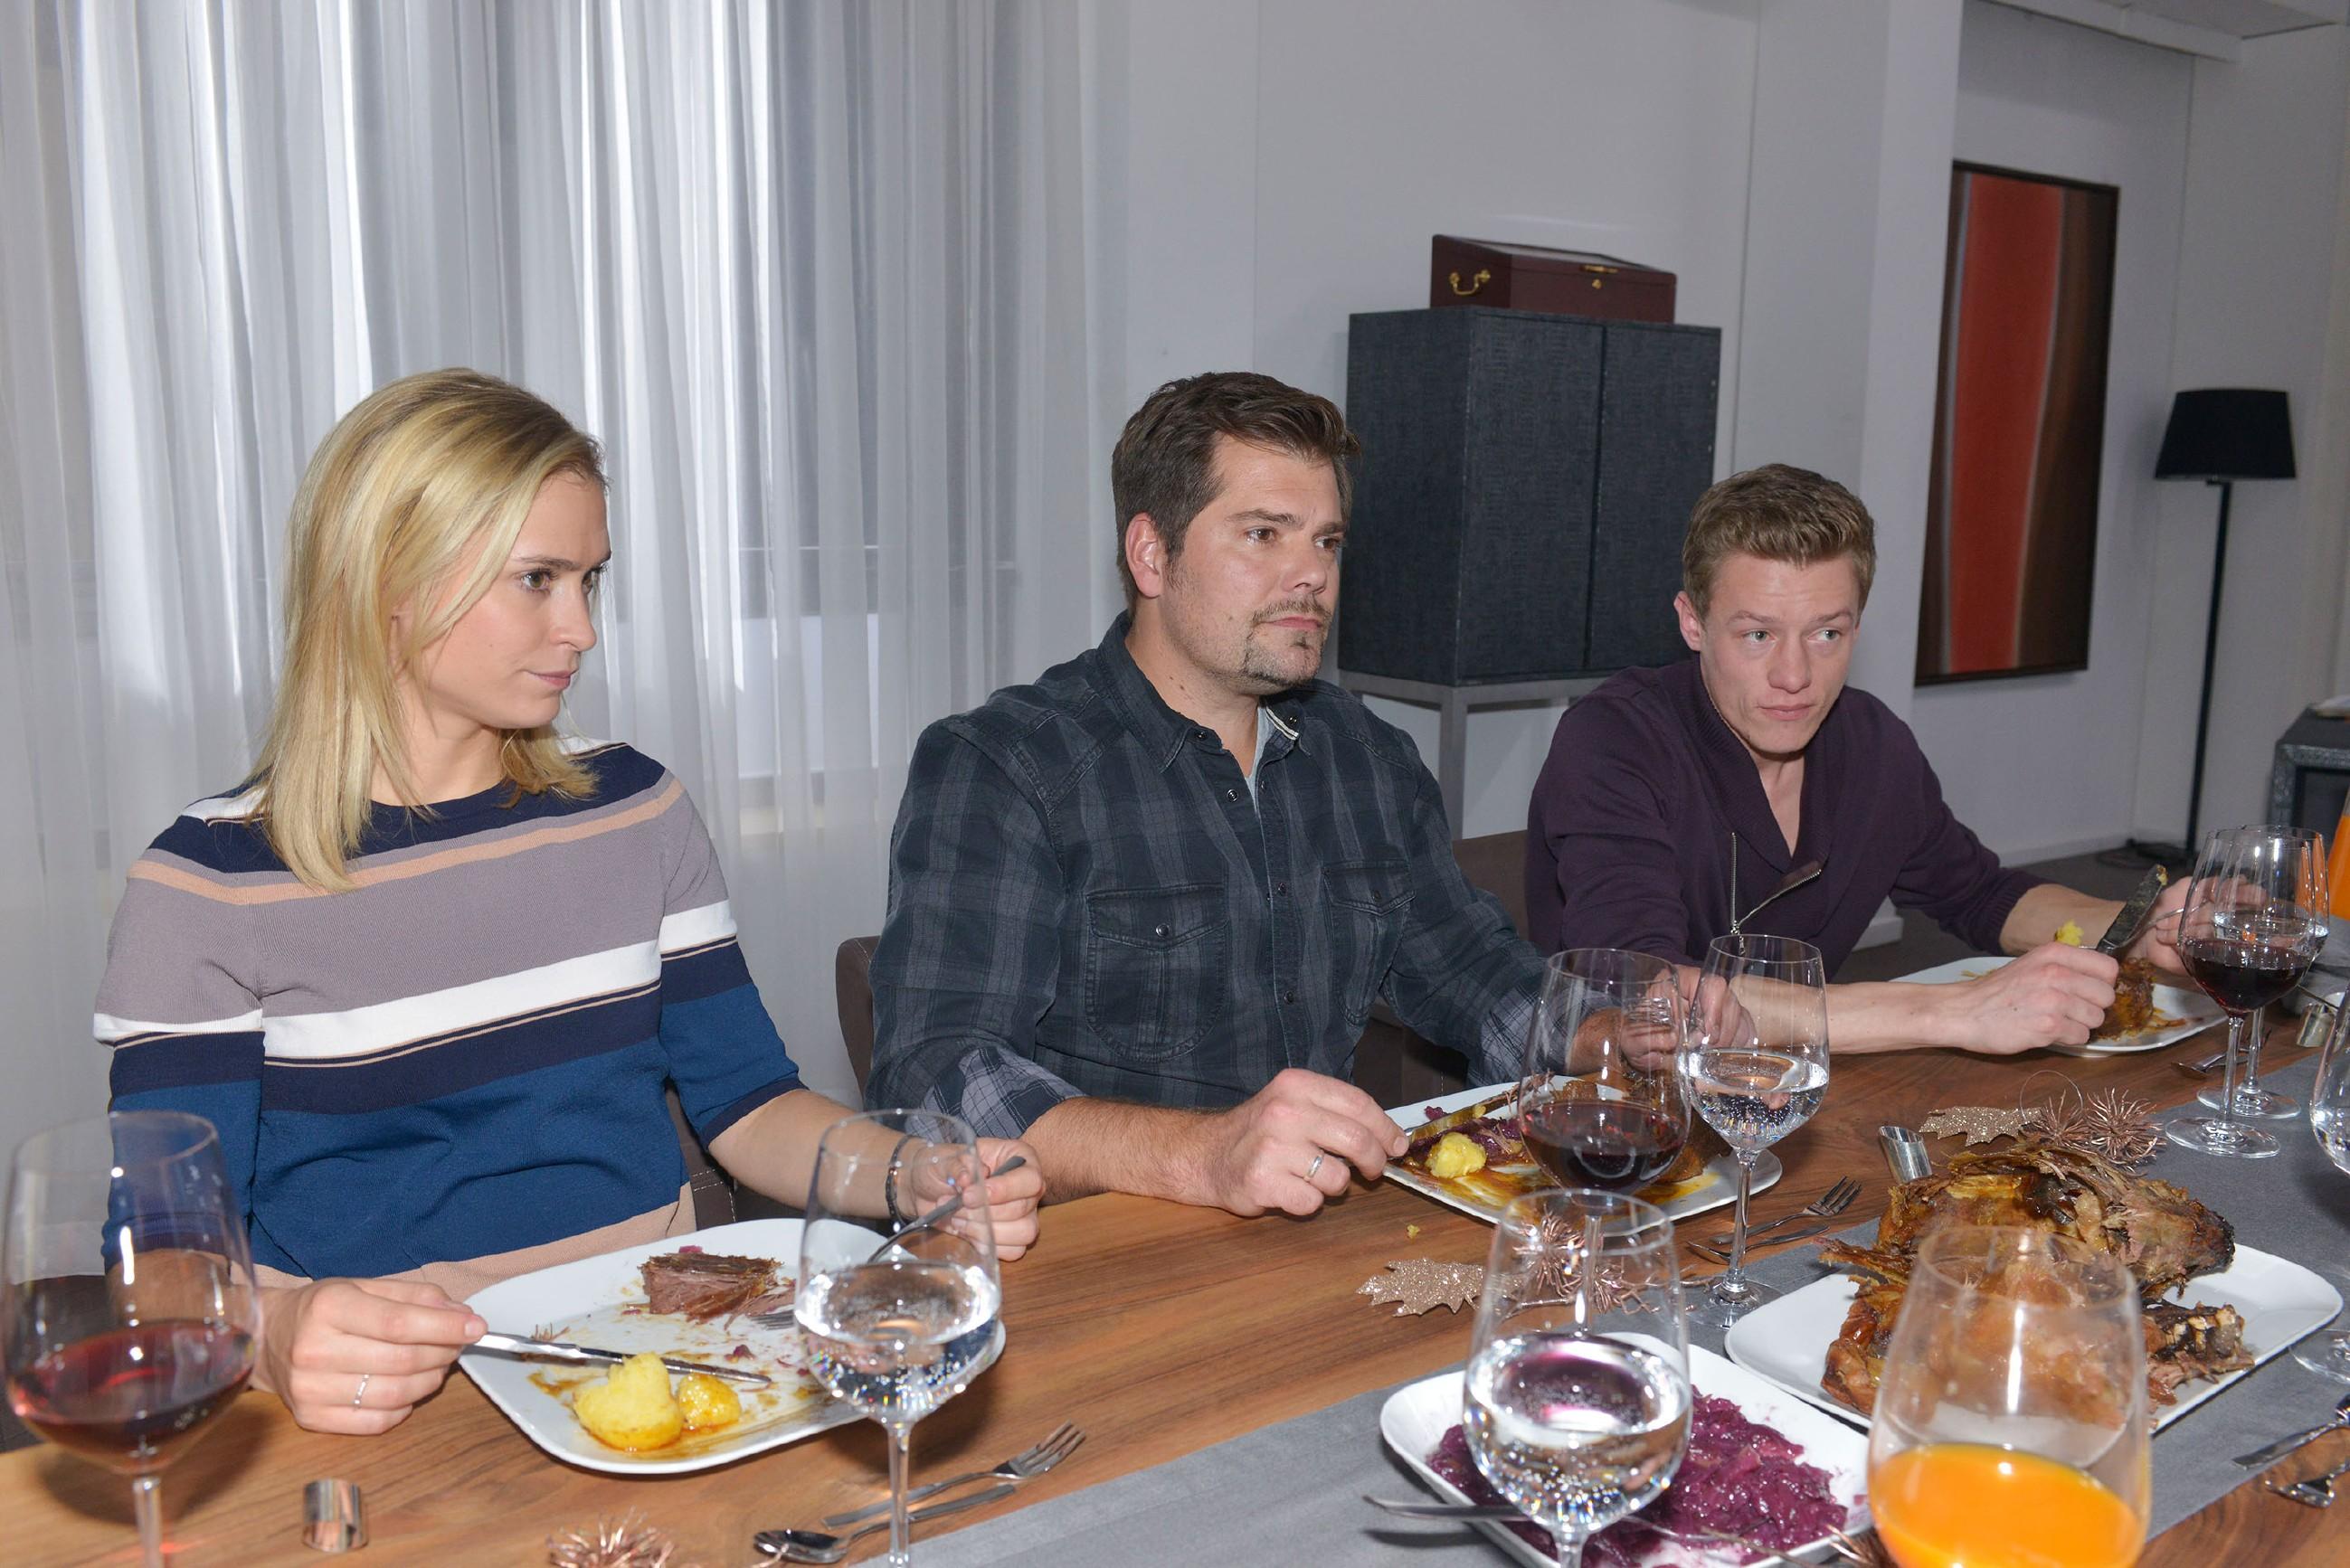 Sophie (Lea Marlen Woitack), Leon (Daniel Fehlow) und Vince (Vincent Krüger) sind bei Gerner zum Gänseessen eingeladen. Doch was als versöhnliche Geste gemeint ist, droht ins Gegenteil zu kippen...